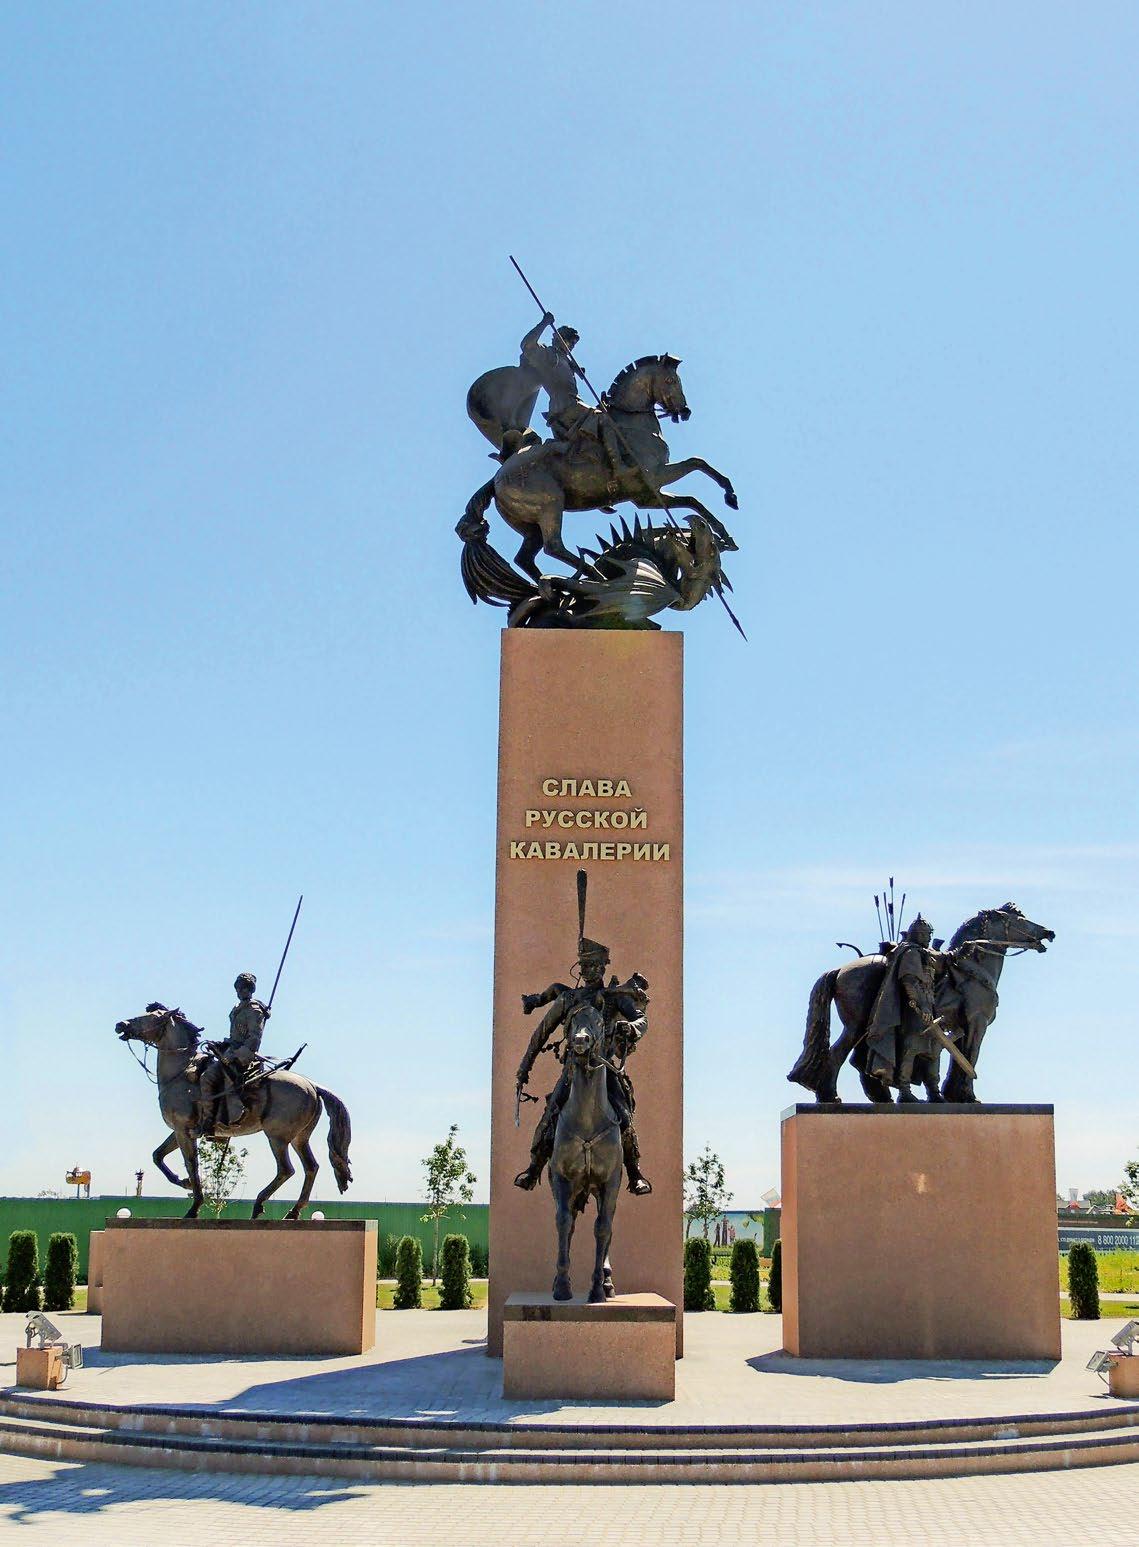 Памятник русской кавалерии в деревне Орлово. Георгий Победоносец